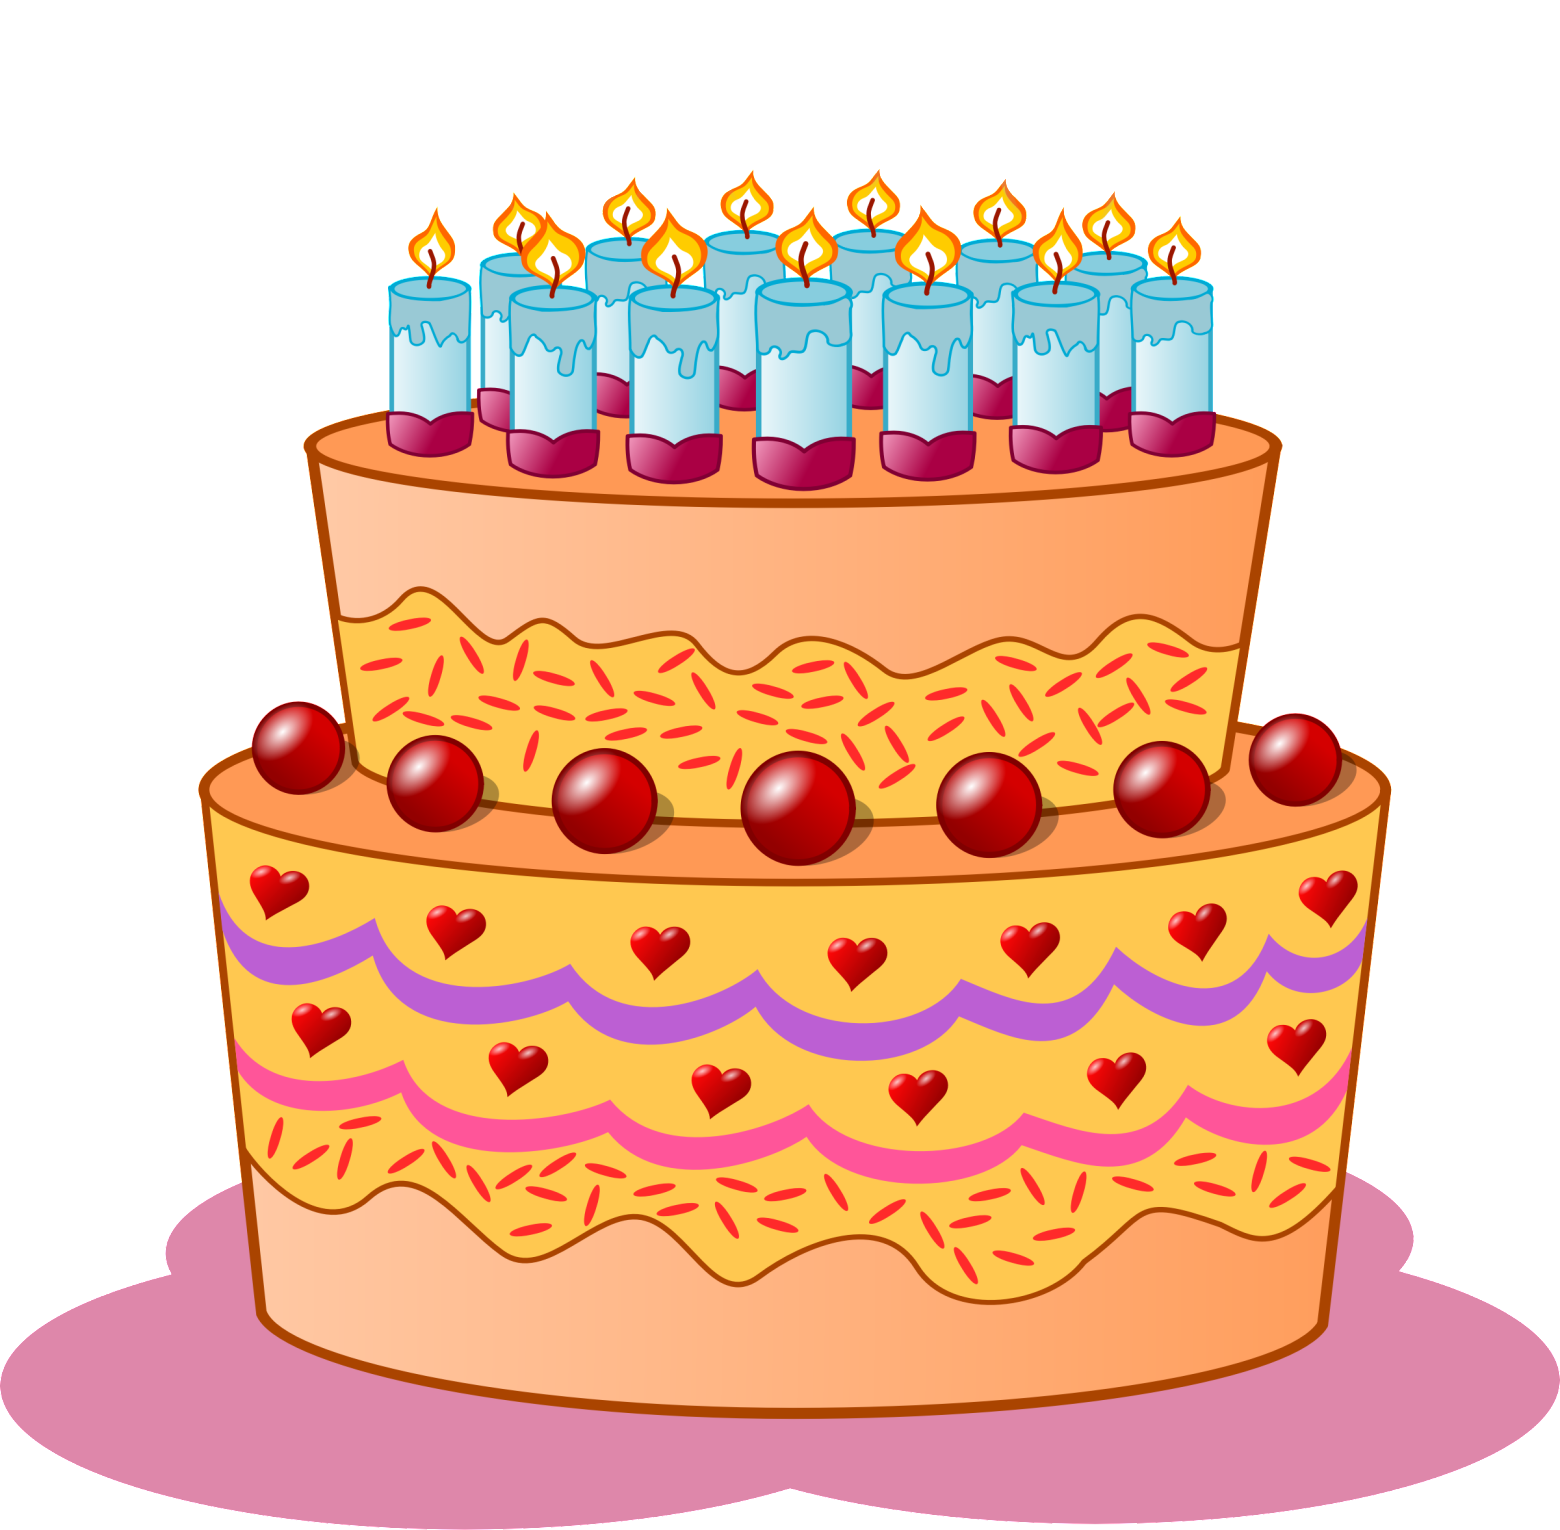 clipart gratuit anniversaire 30 ans - photo #20